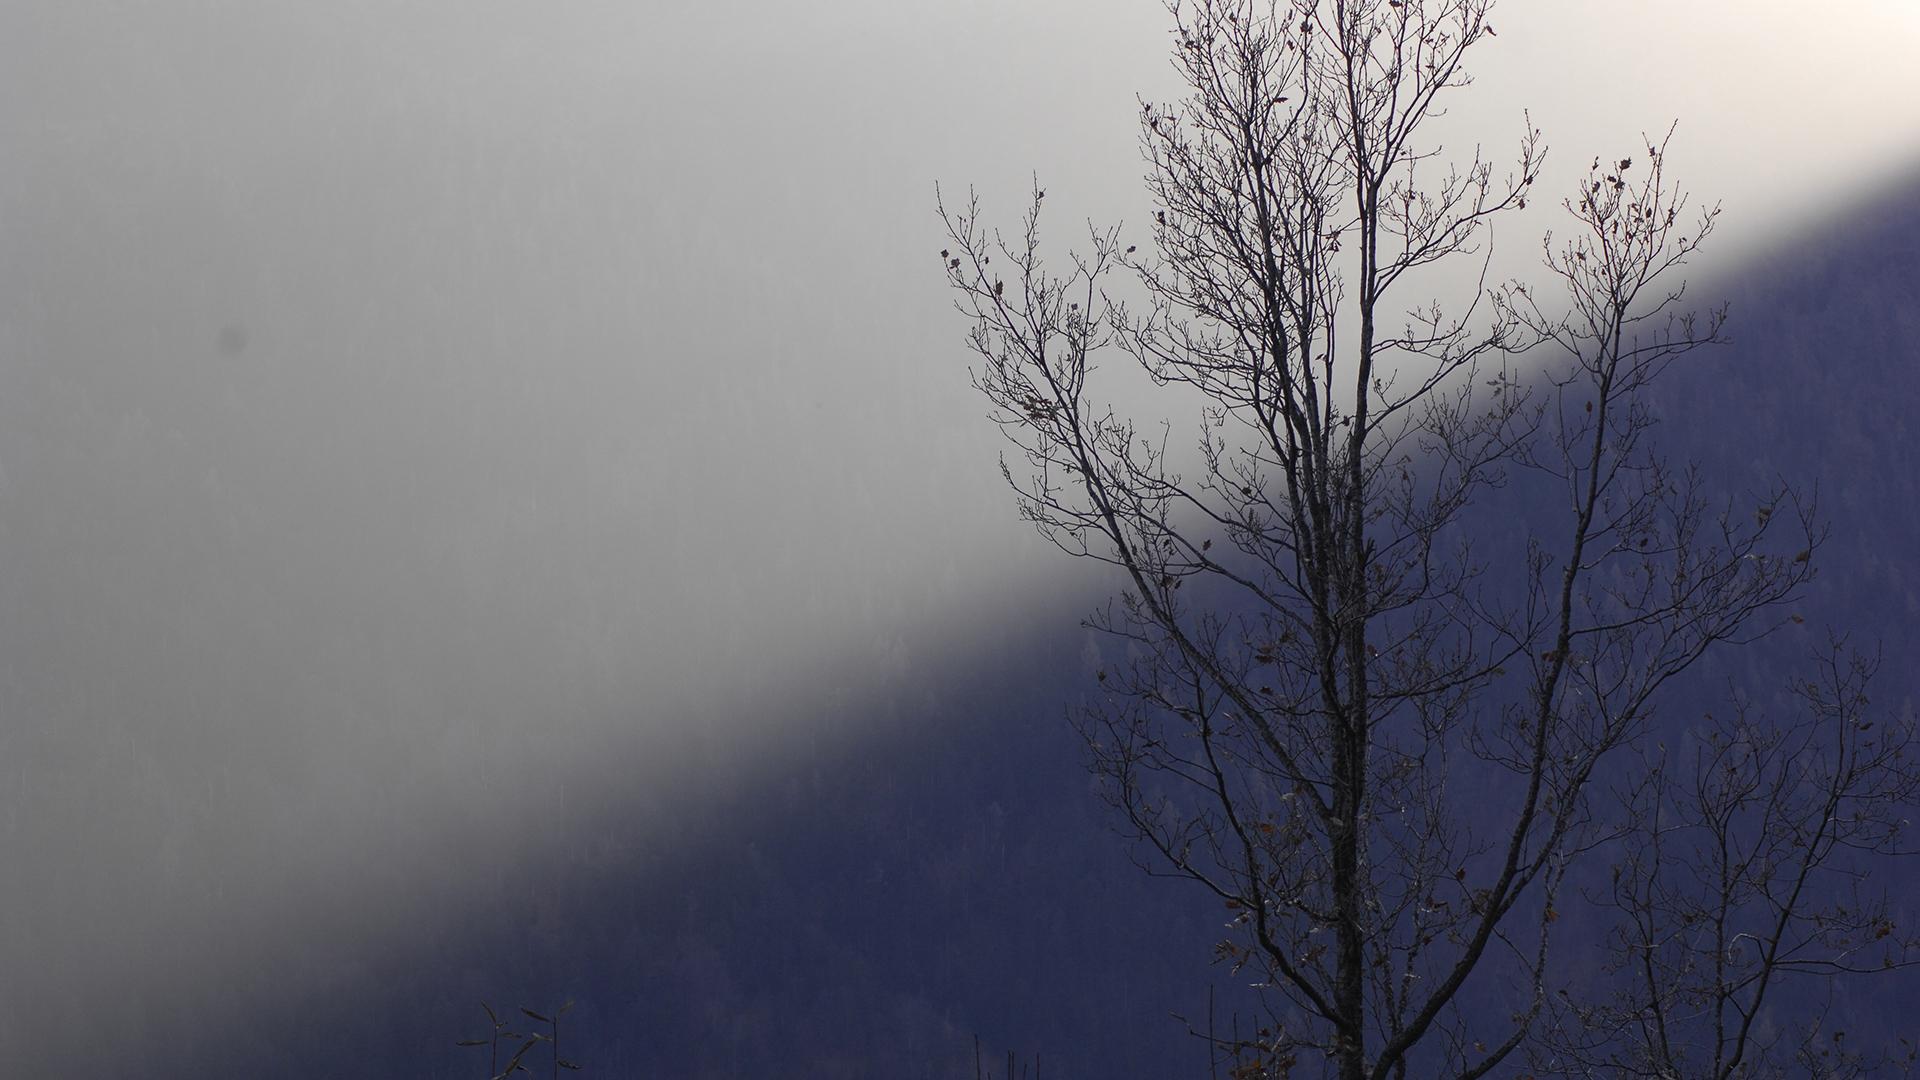 Image for: Lo specchio